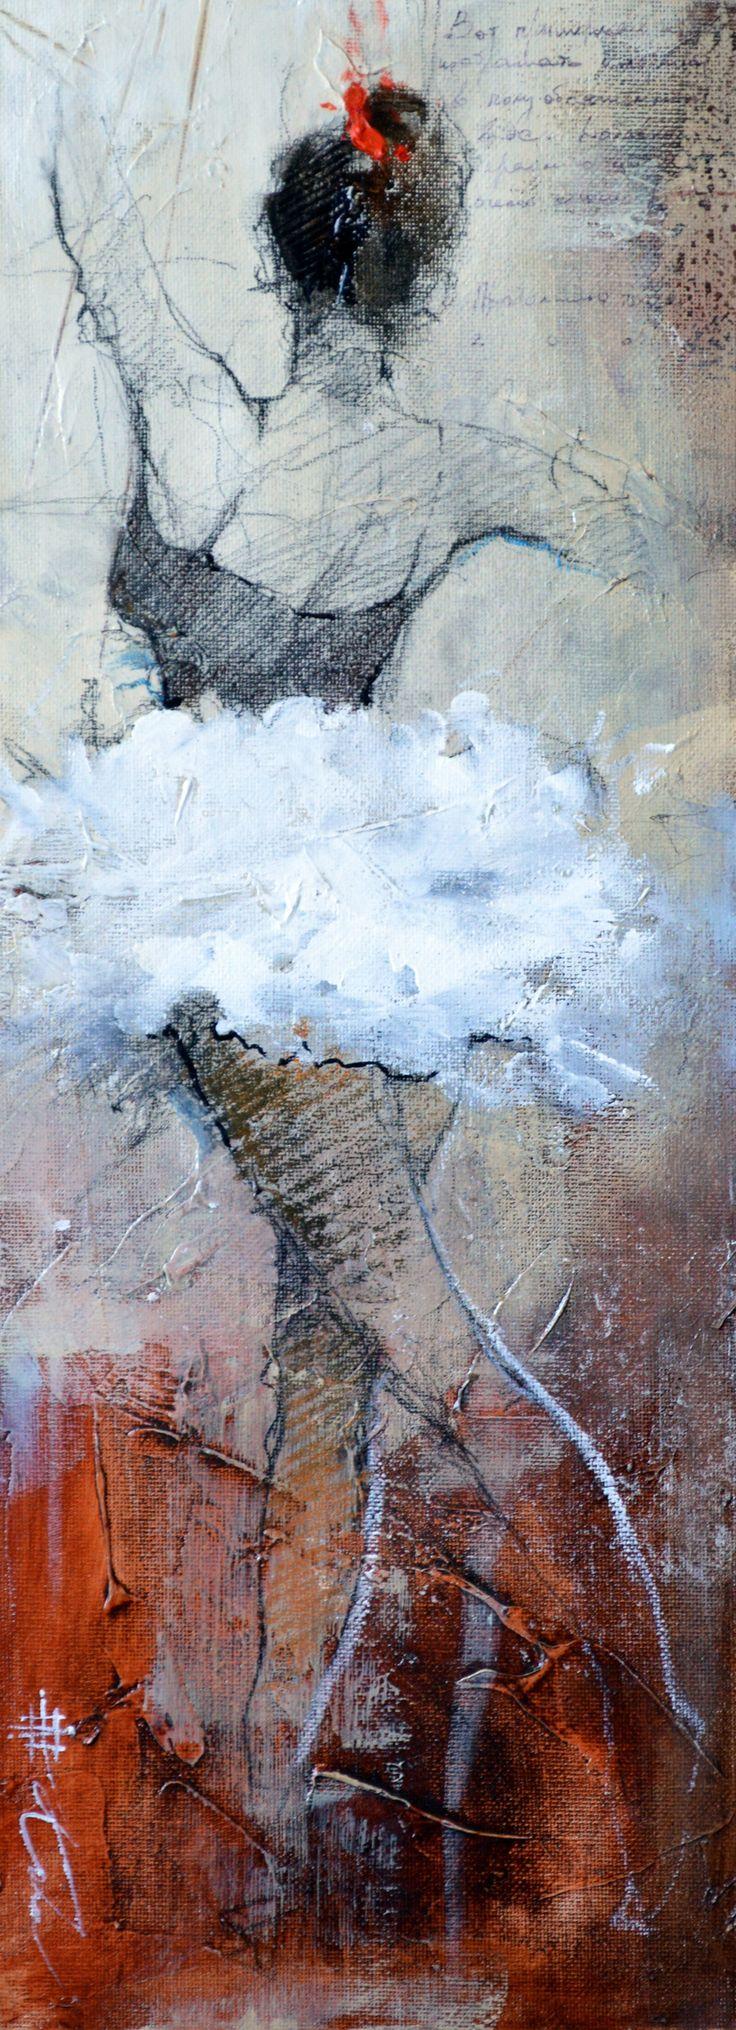 Andre Kohn Gallery « Andre Kohn Fine Art